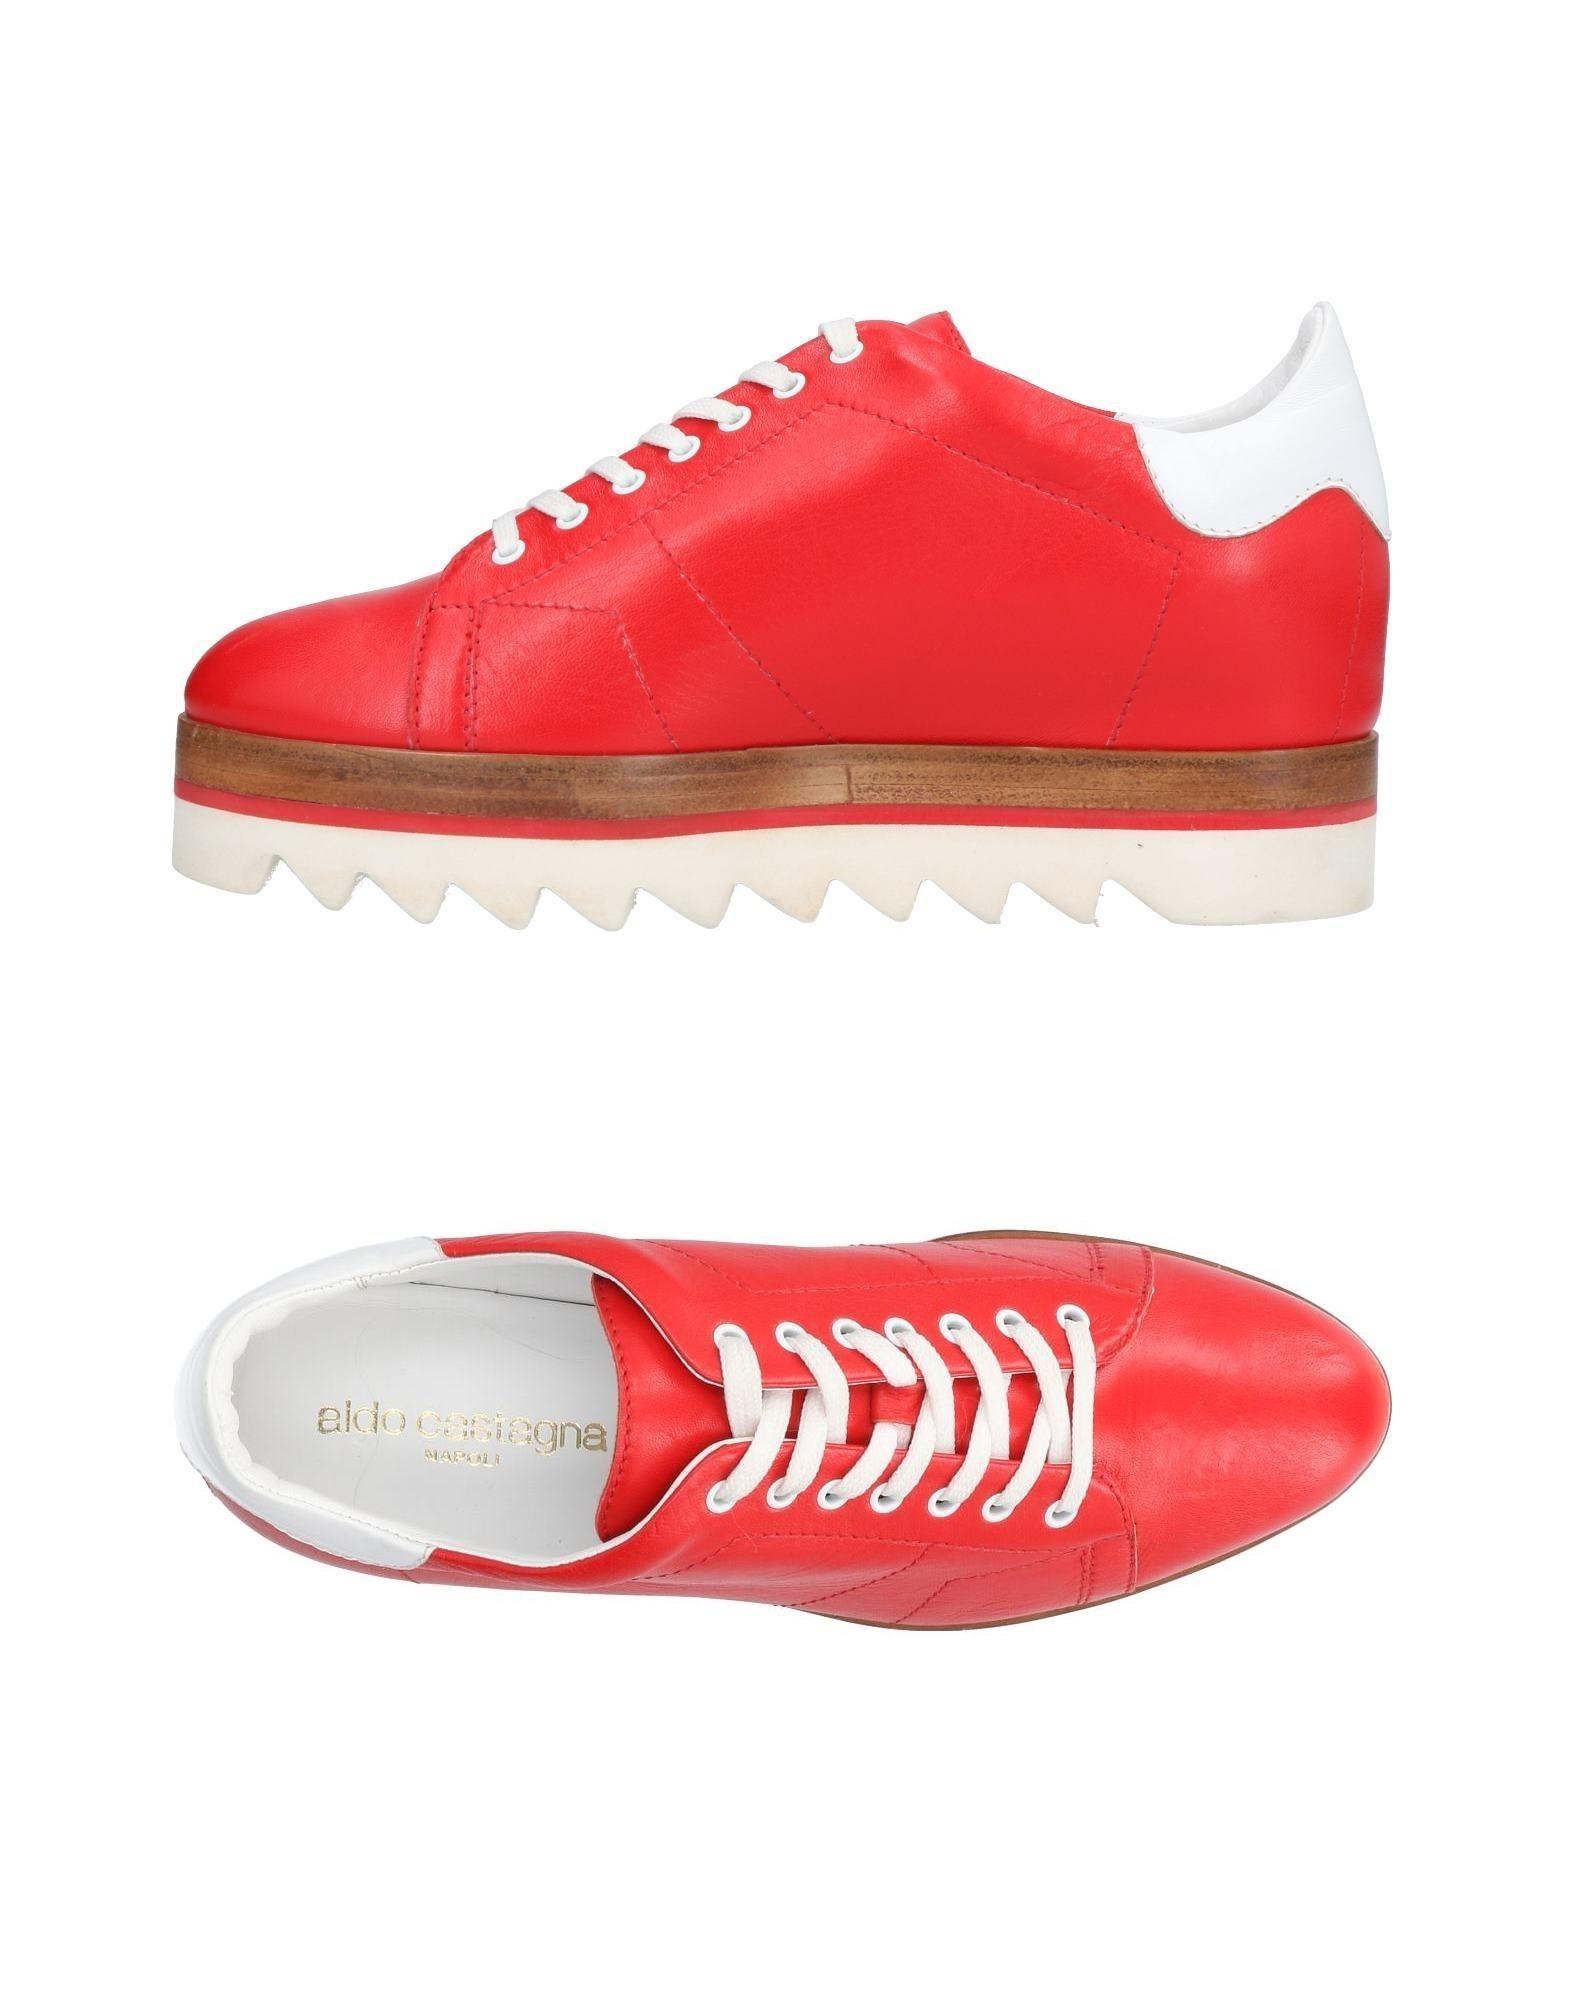 aldo castagna обувь на танкетке ALDO CASTAGNA Обувь на шнурках